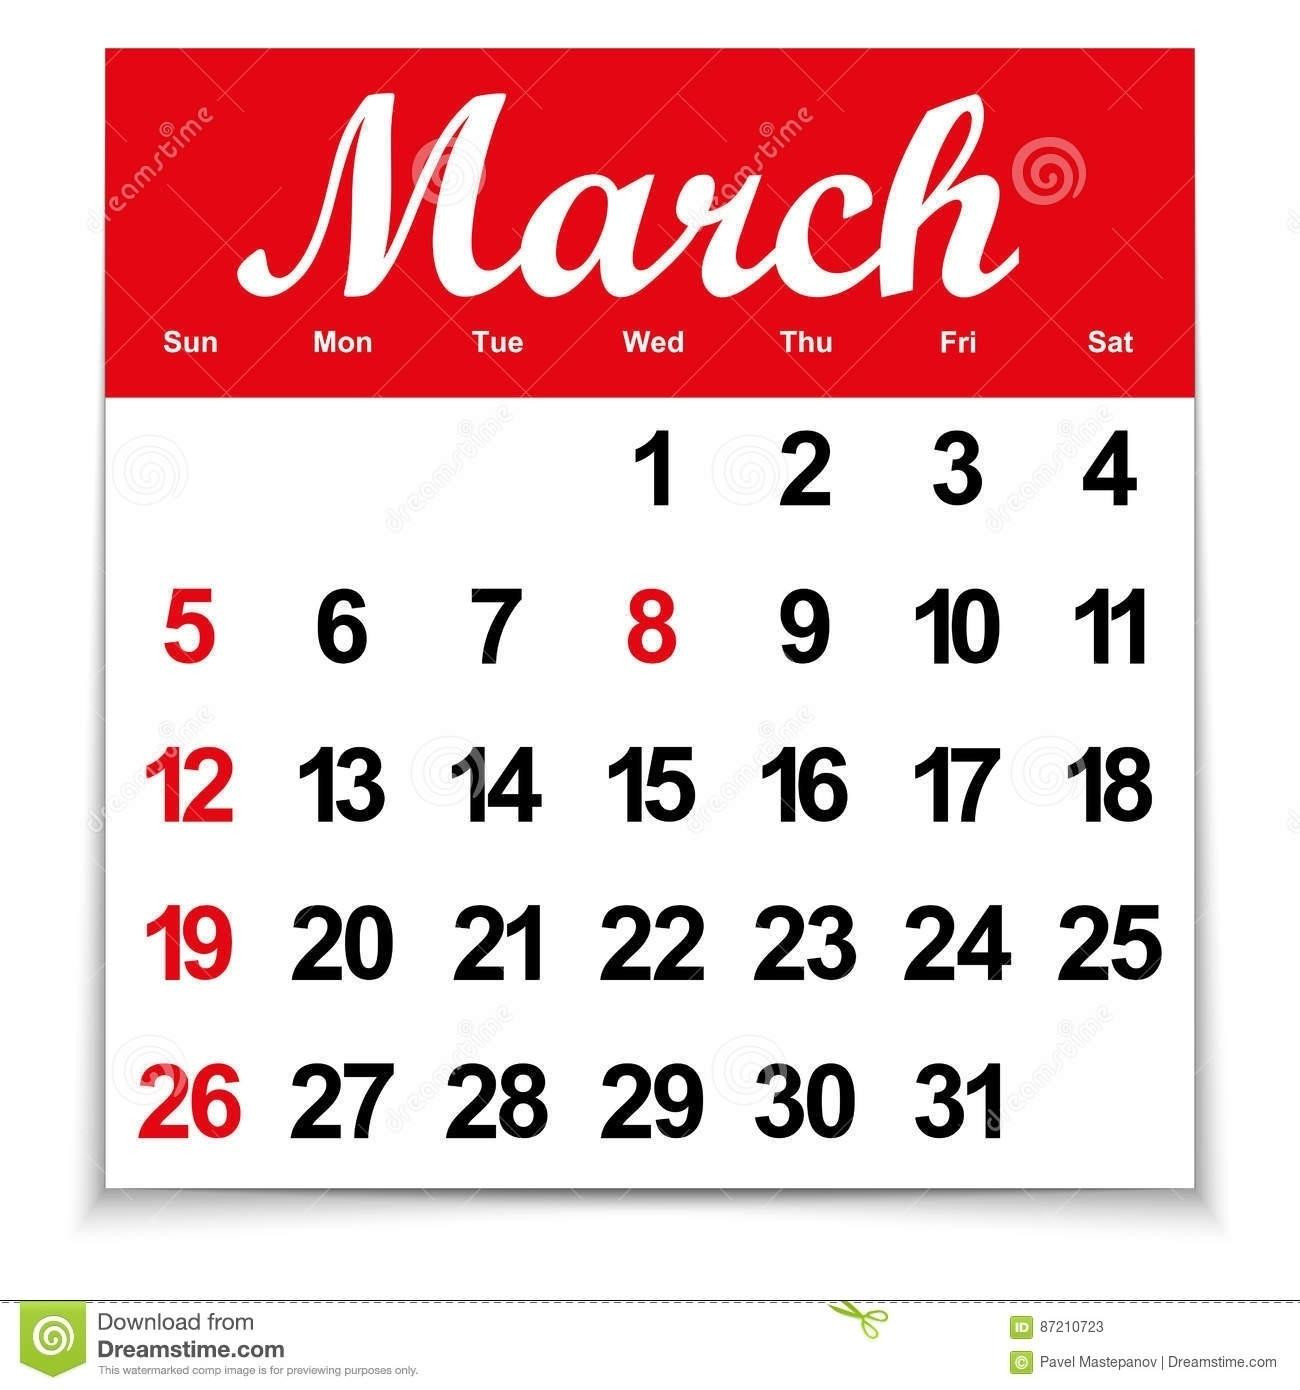 Calendar Month Vs 4 Weeks • Printable Blank Calendar Template Is A Calendar Month 4 Weeks